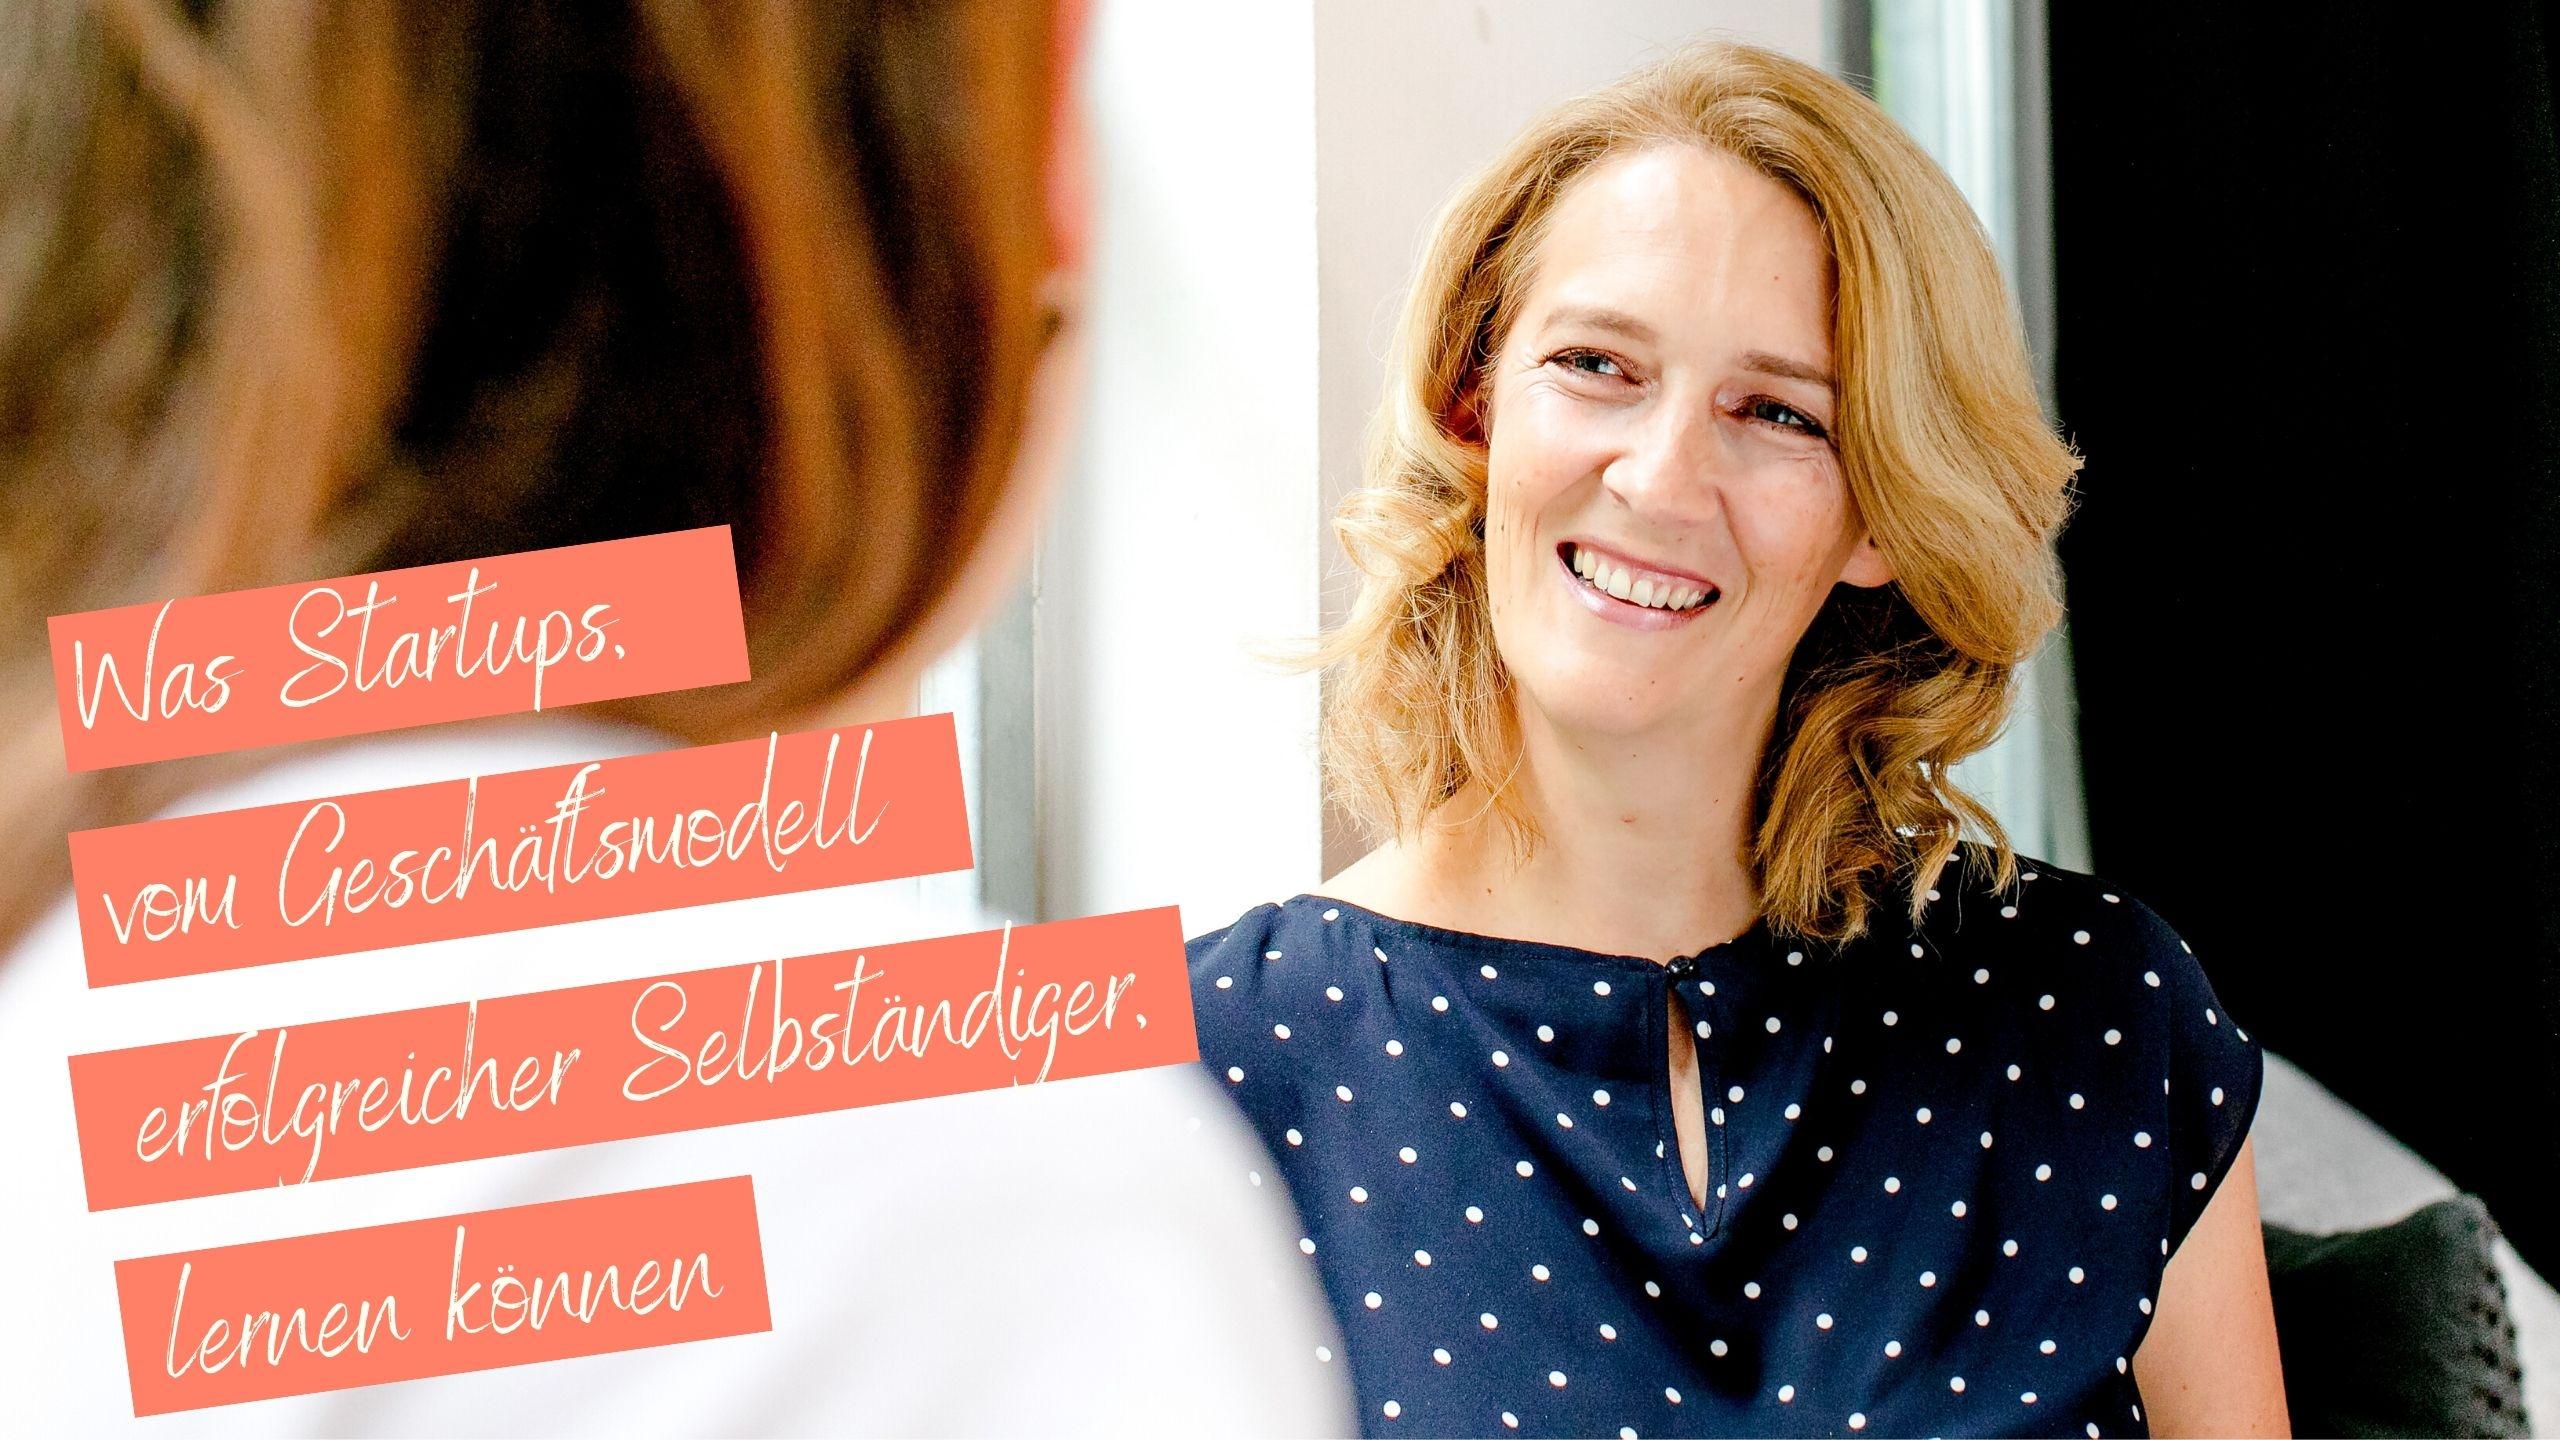 Michaela Schächner-Business Mentorin-geiler gründen-Geschäftsmodell Selbstständige Unternehmerin